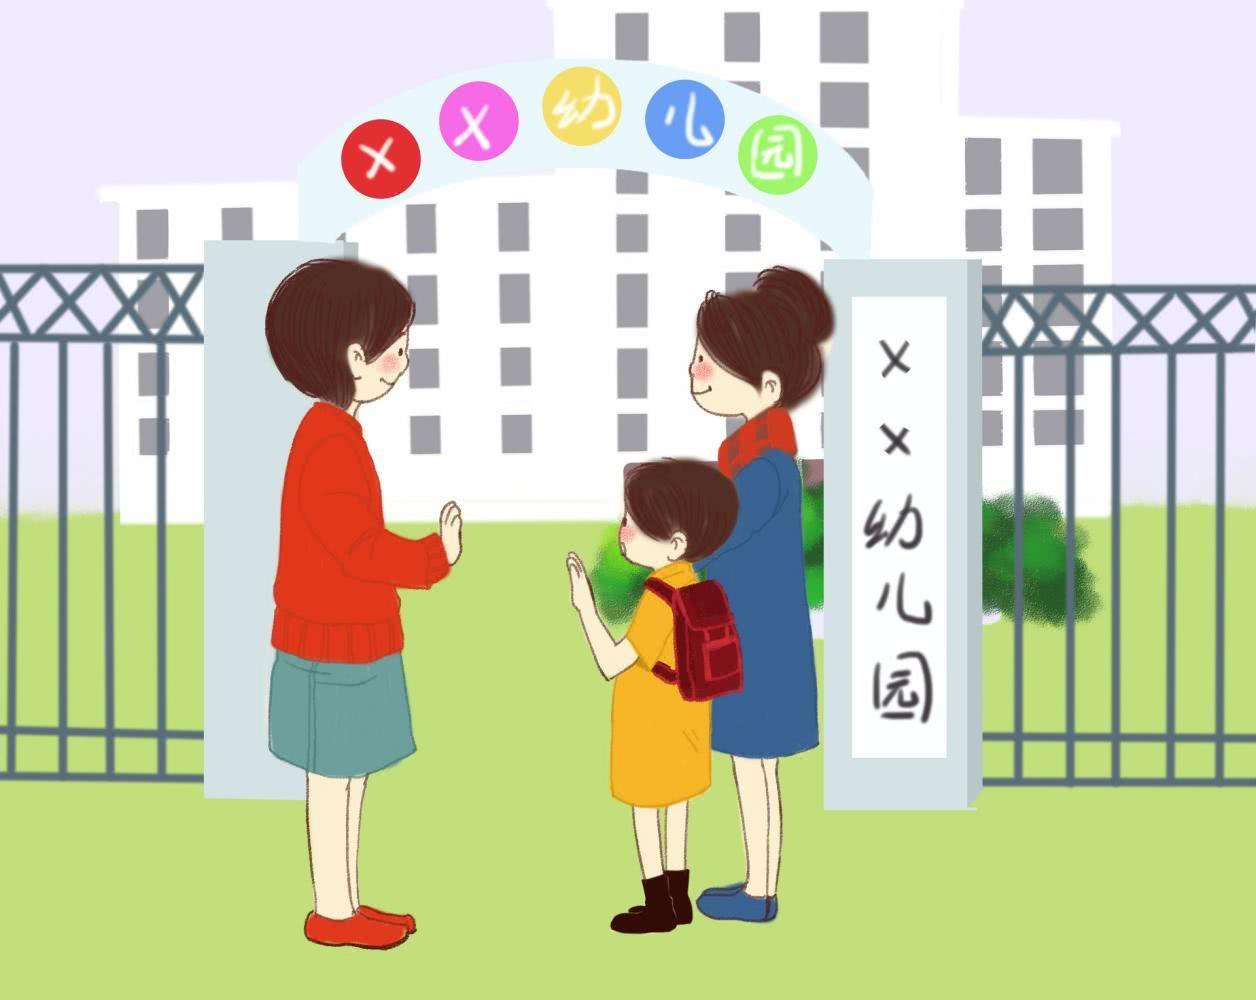 即日起至明年年底 長春市開展小區配套幼兒園專項治理